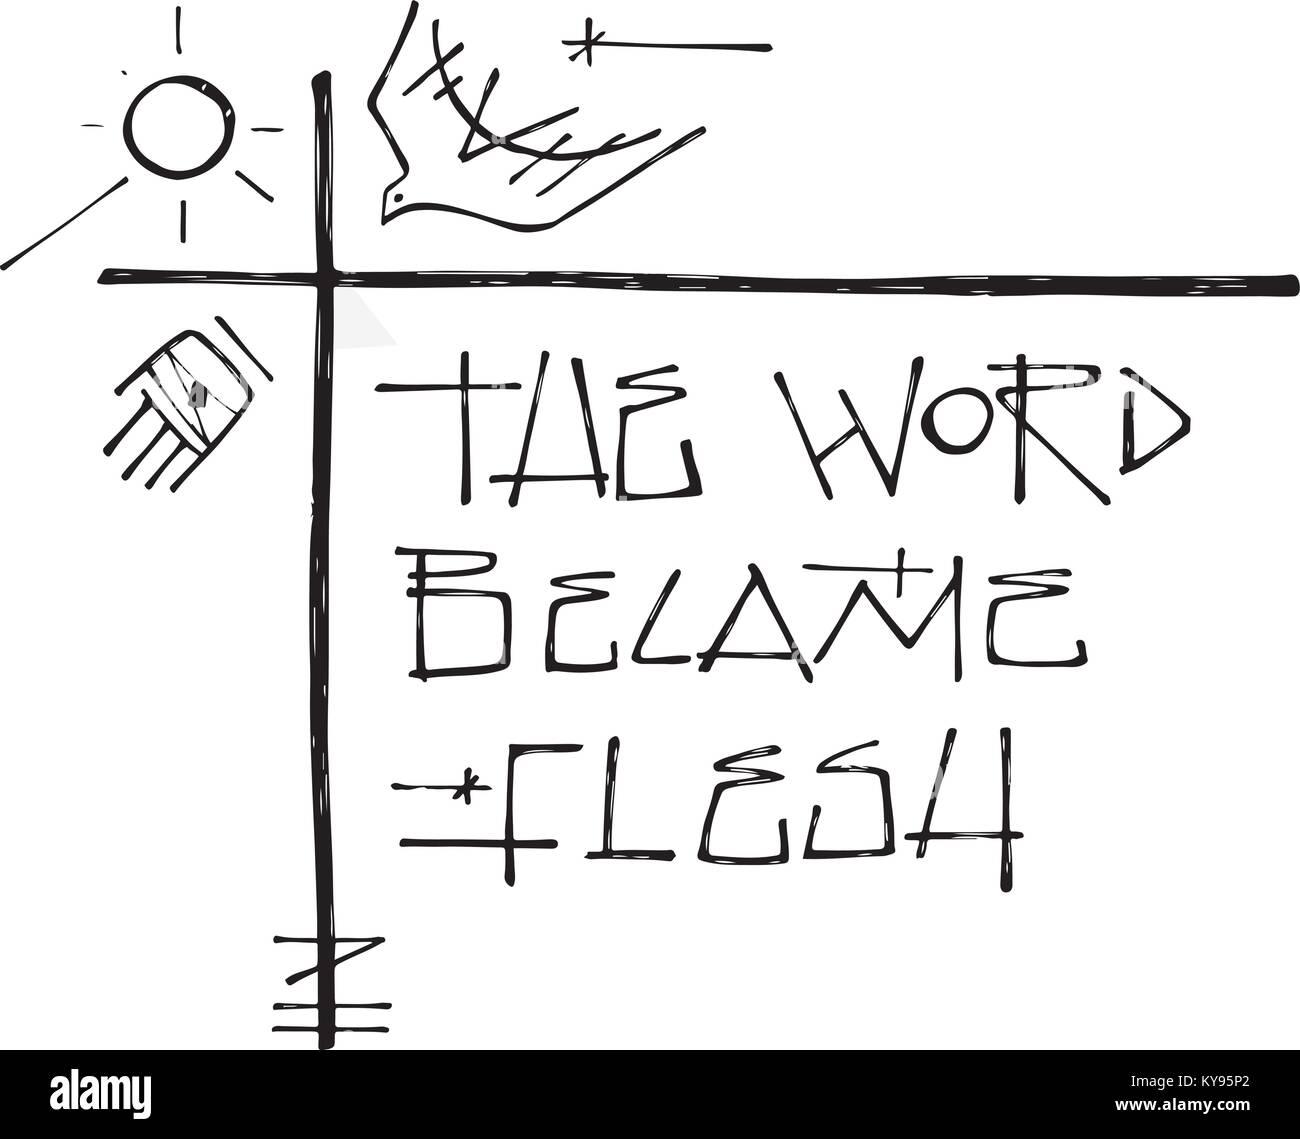 ilustração vetor desenhado à mão ou desenho de alguns símbolos